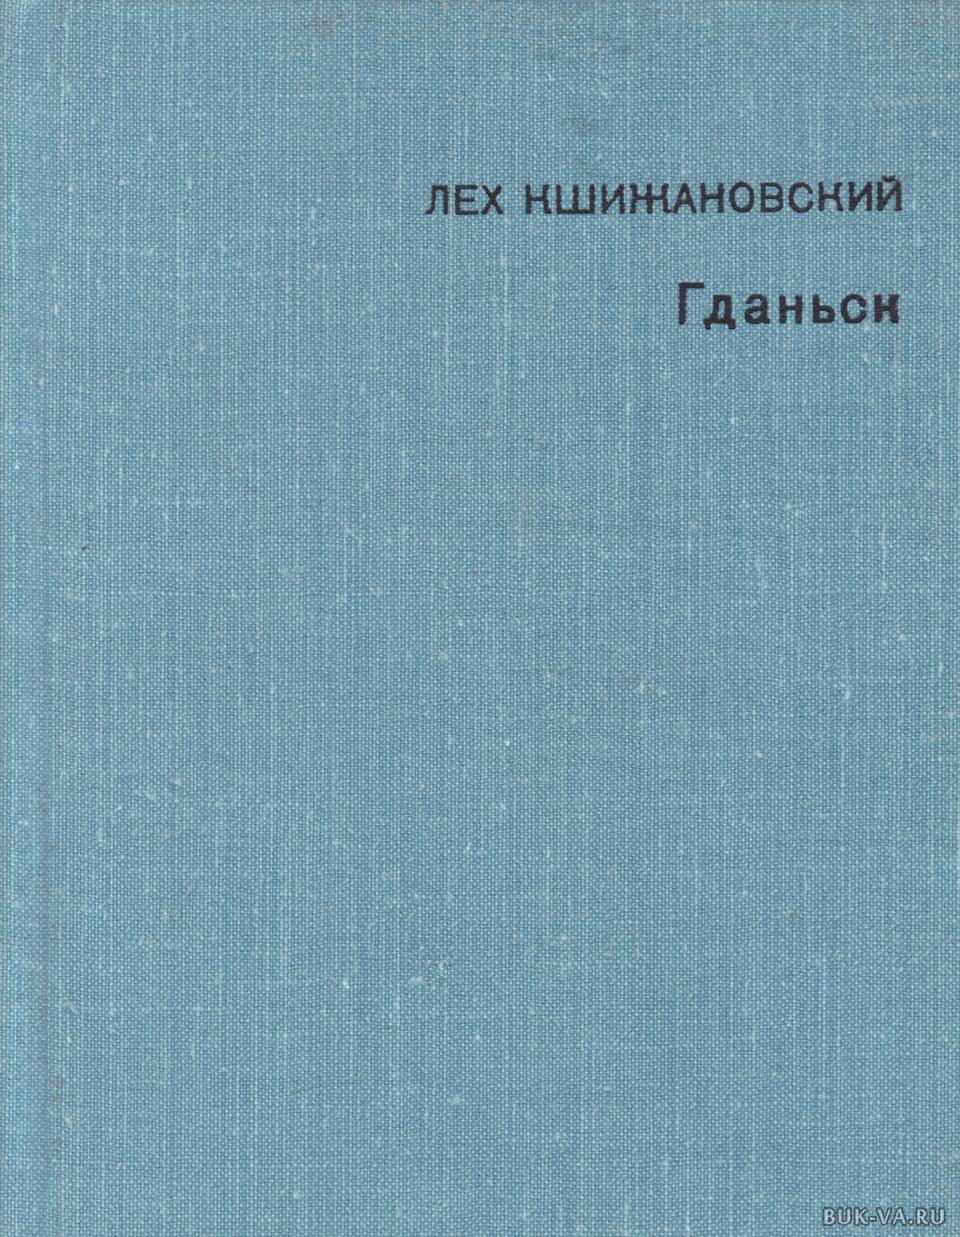 лех кшижановский гданьск книга